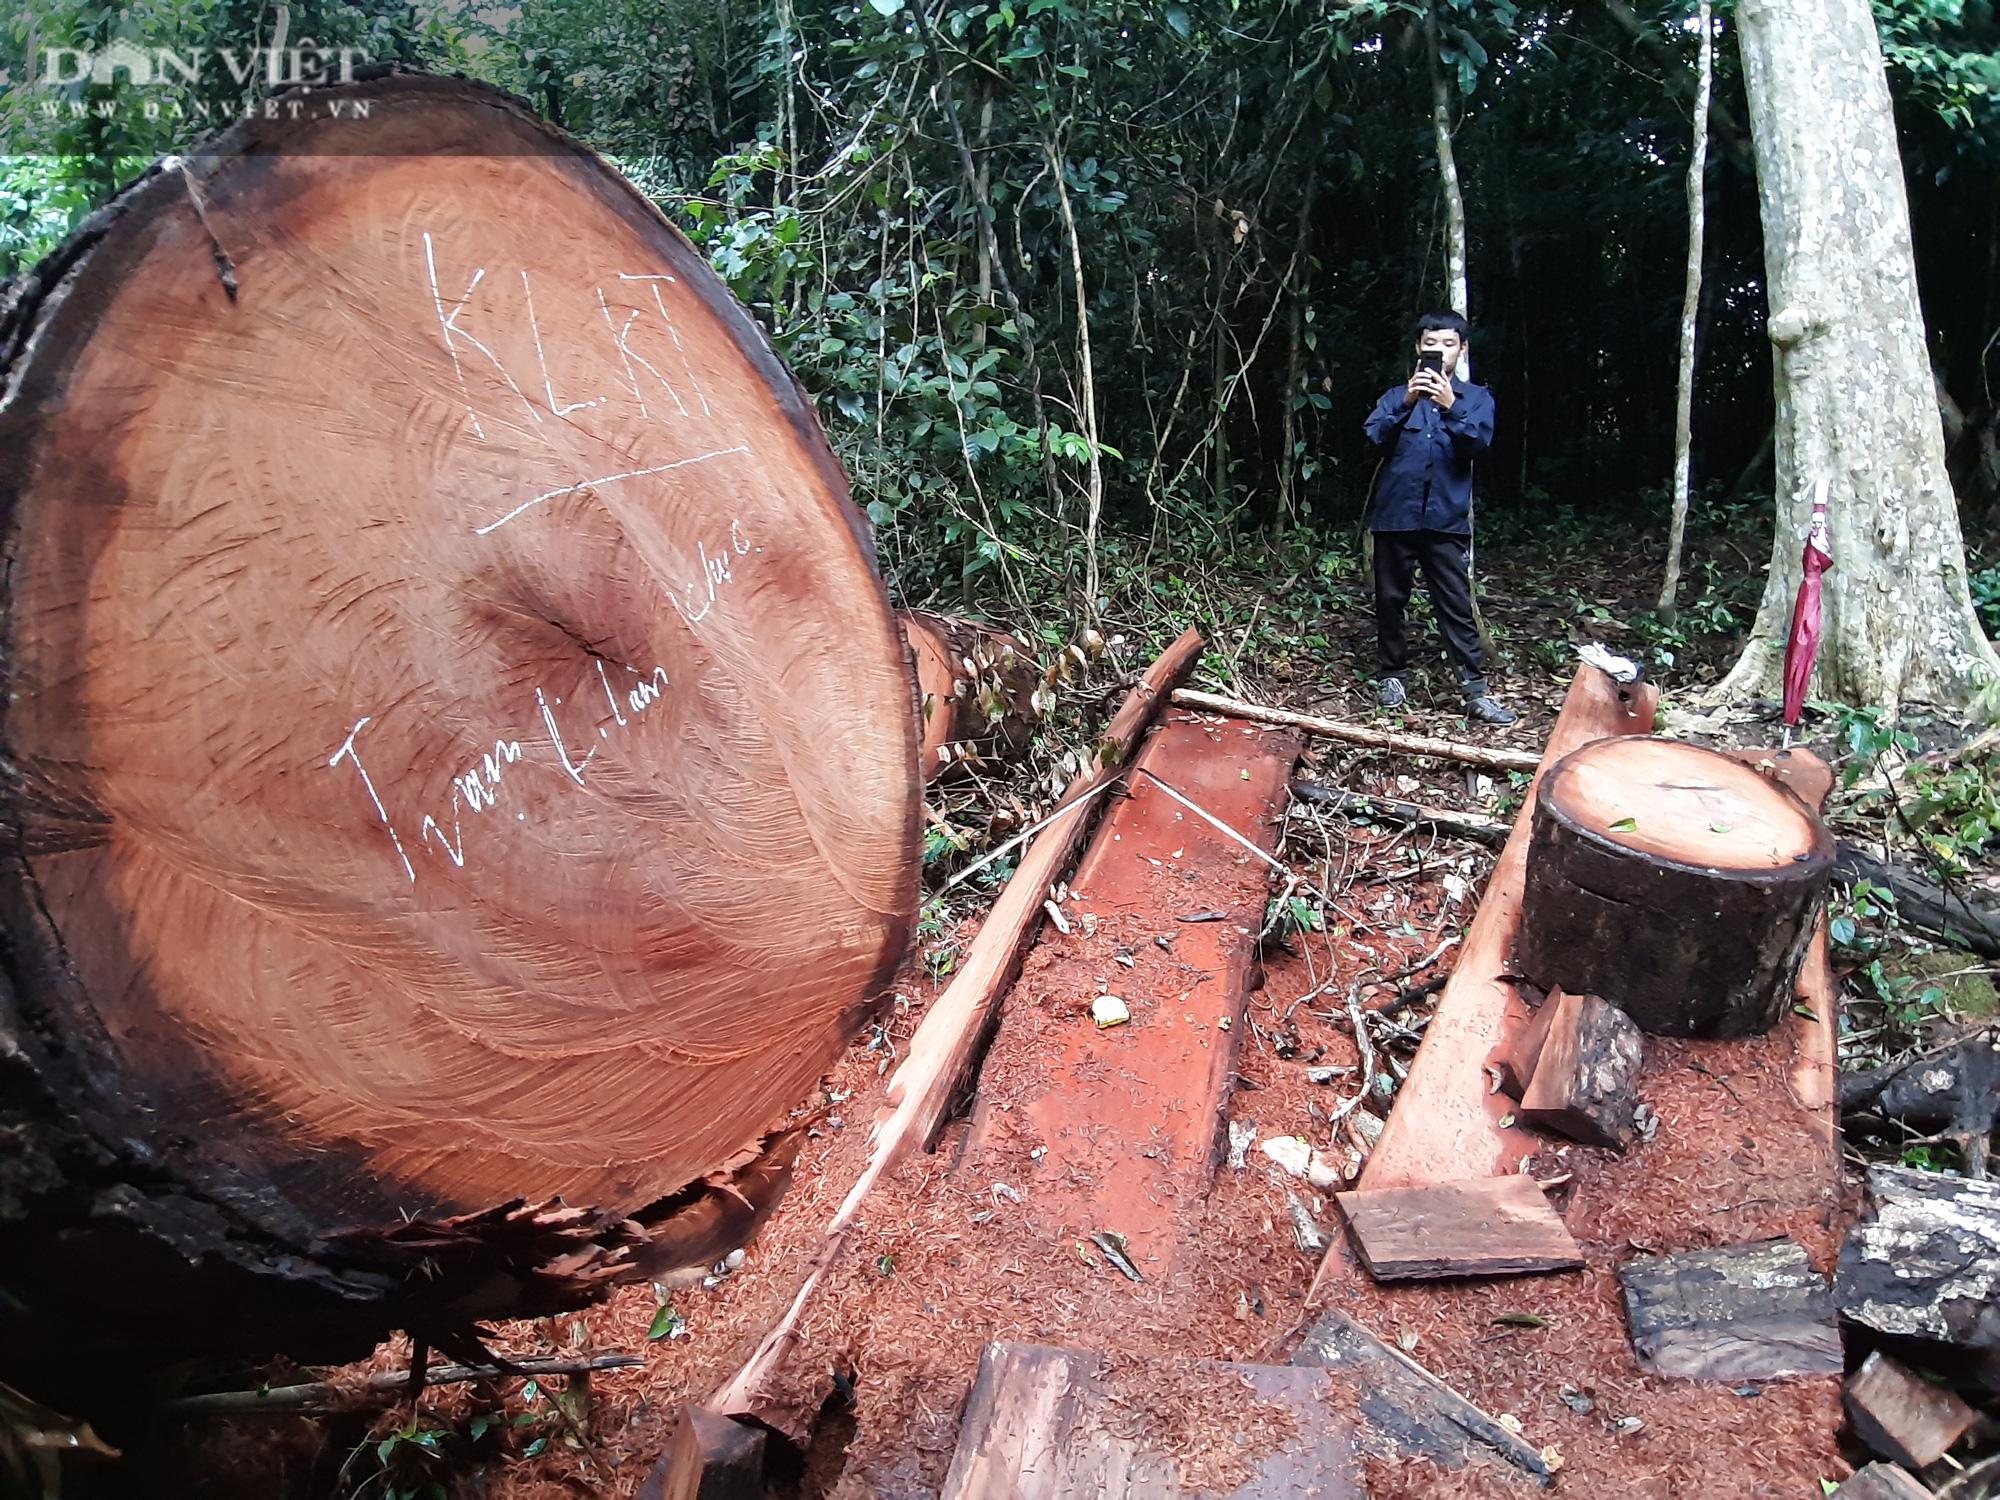 Khởi tố vụ án phá rừng tại rừng đặc dụng Na Hang - Ảnh 4.